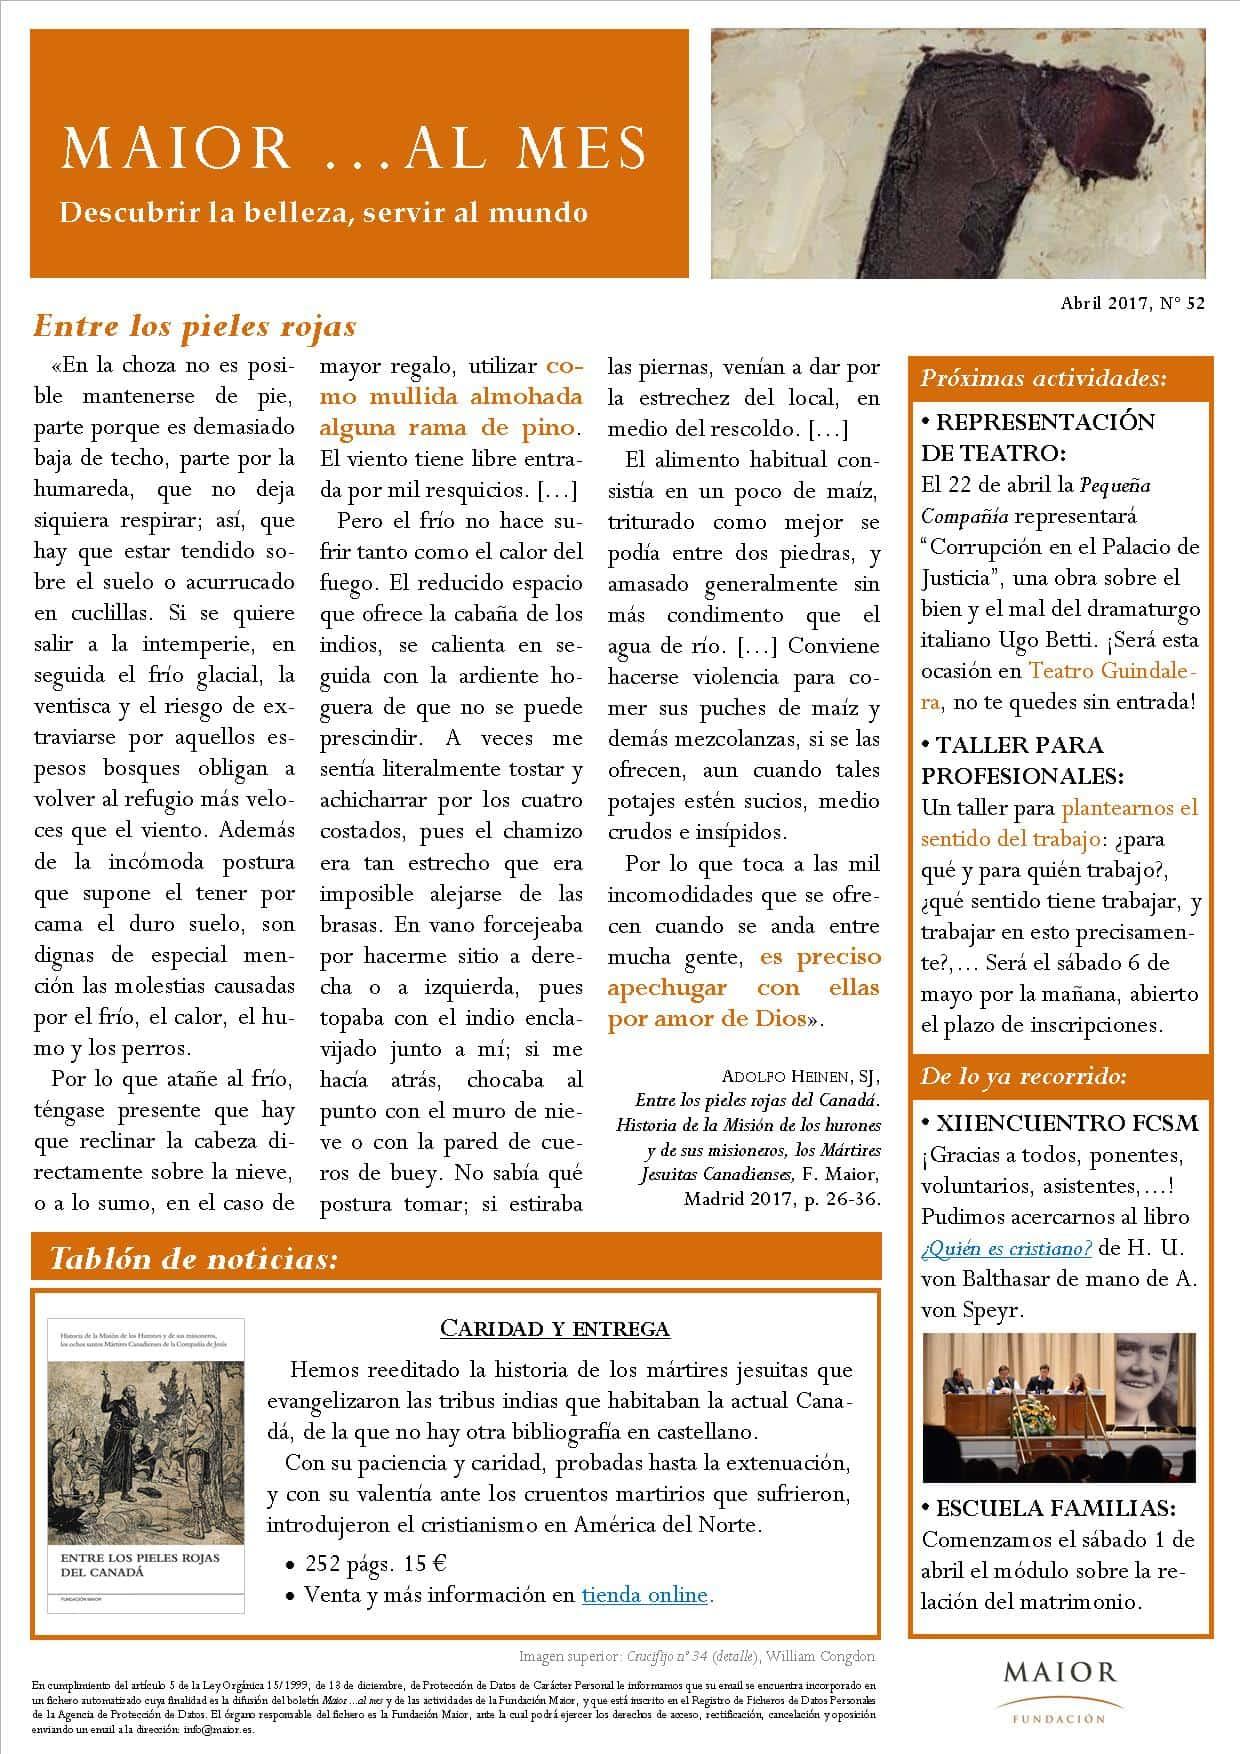 Boletín mensual de noticias y actividades de la Fundación Maior. Edición de abril 2017